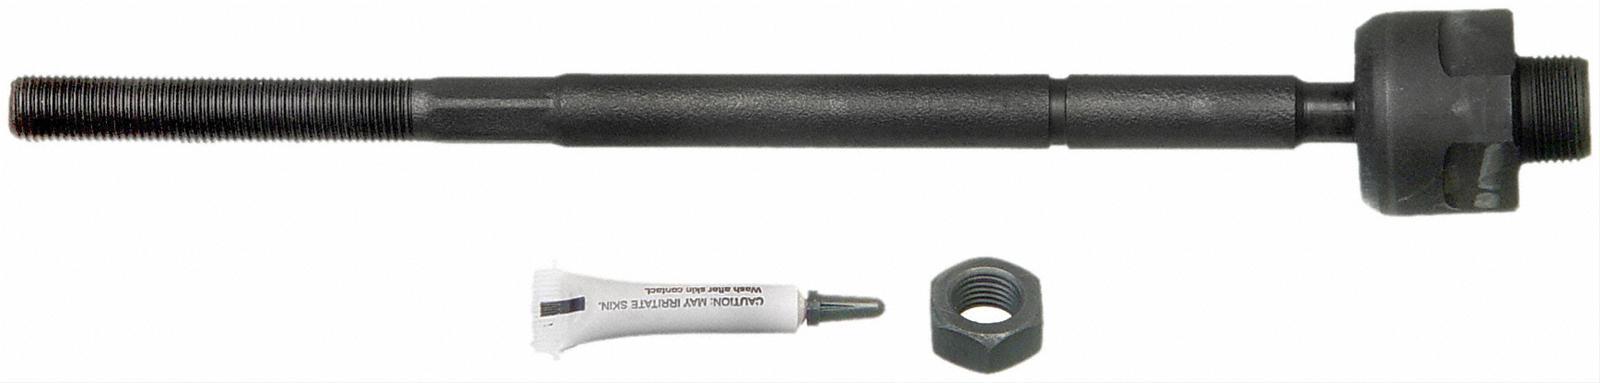 Moog EV370 Steering Center Link Tie Rod End